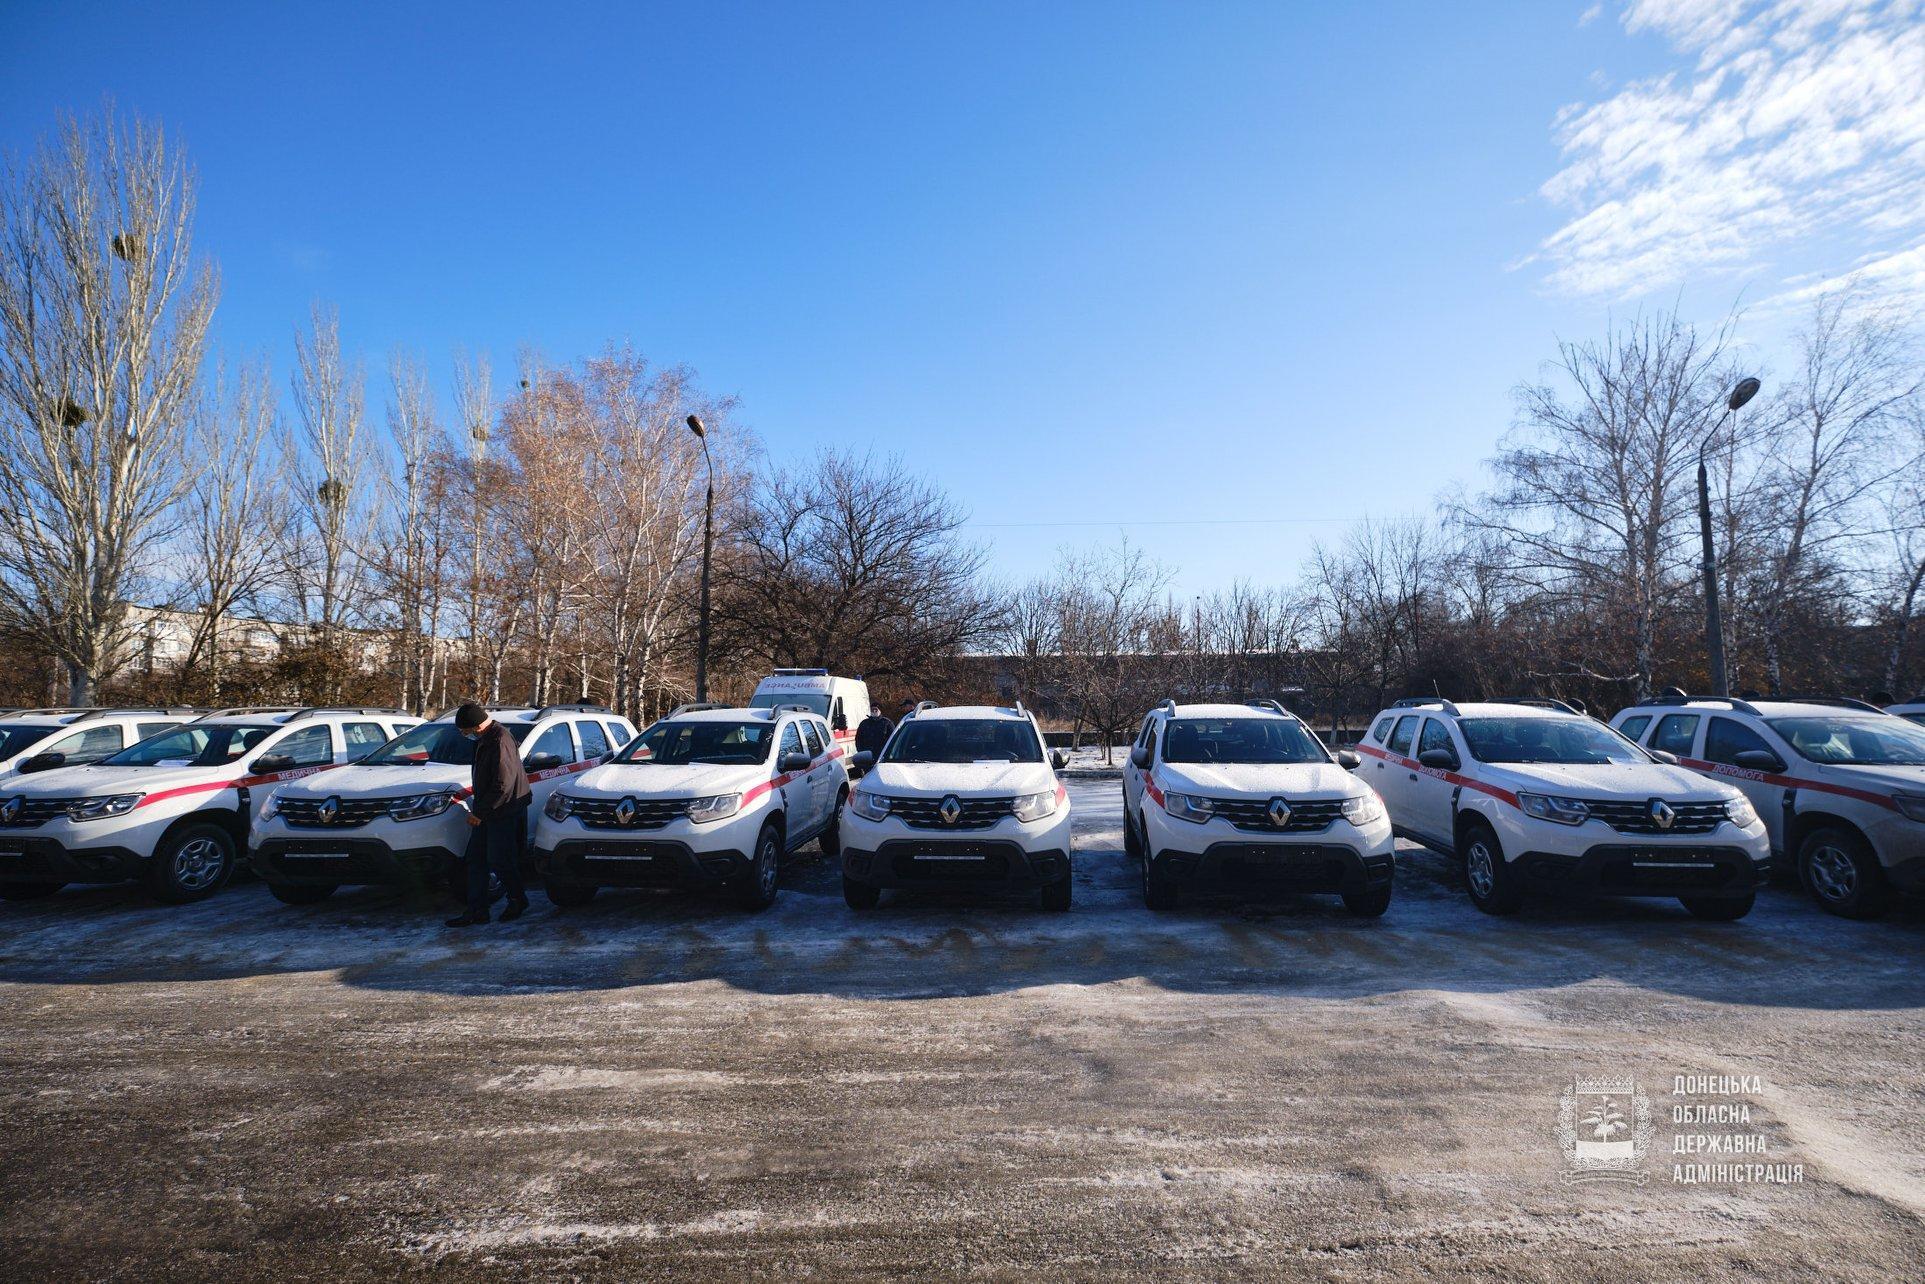 В 18 сельских амбулаторий Донецкой области закупили новые служебные автомобили